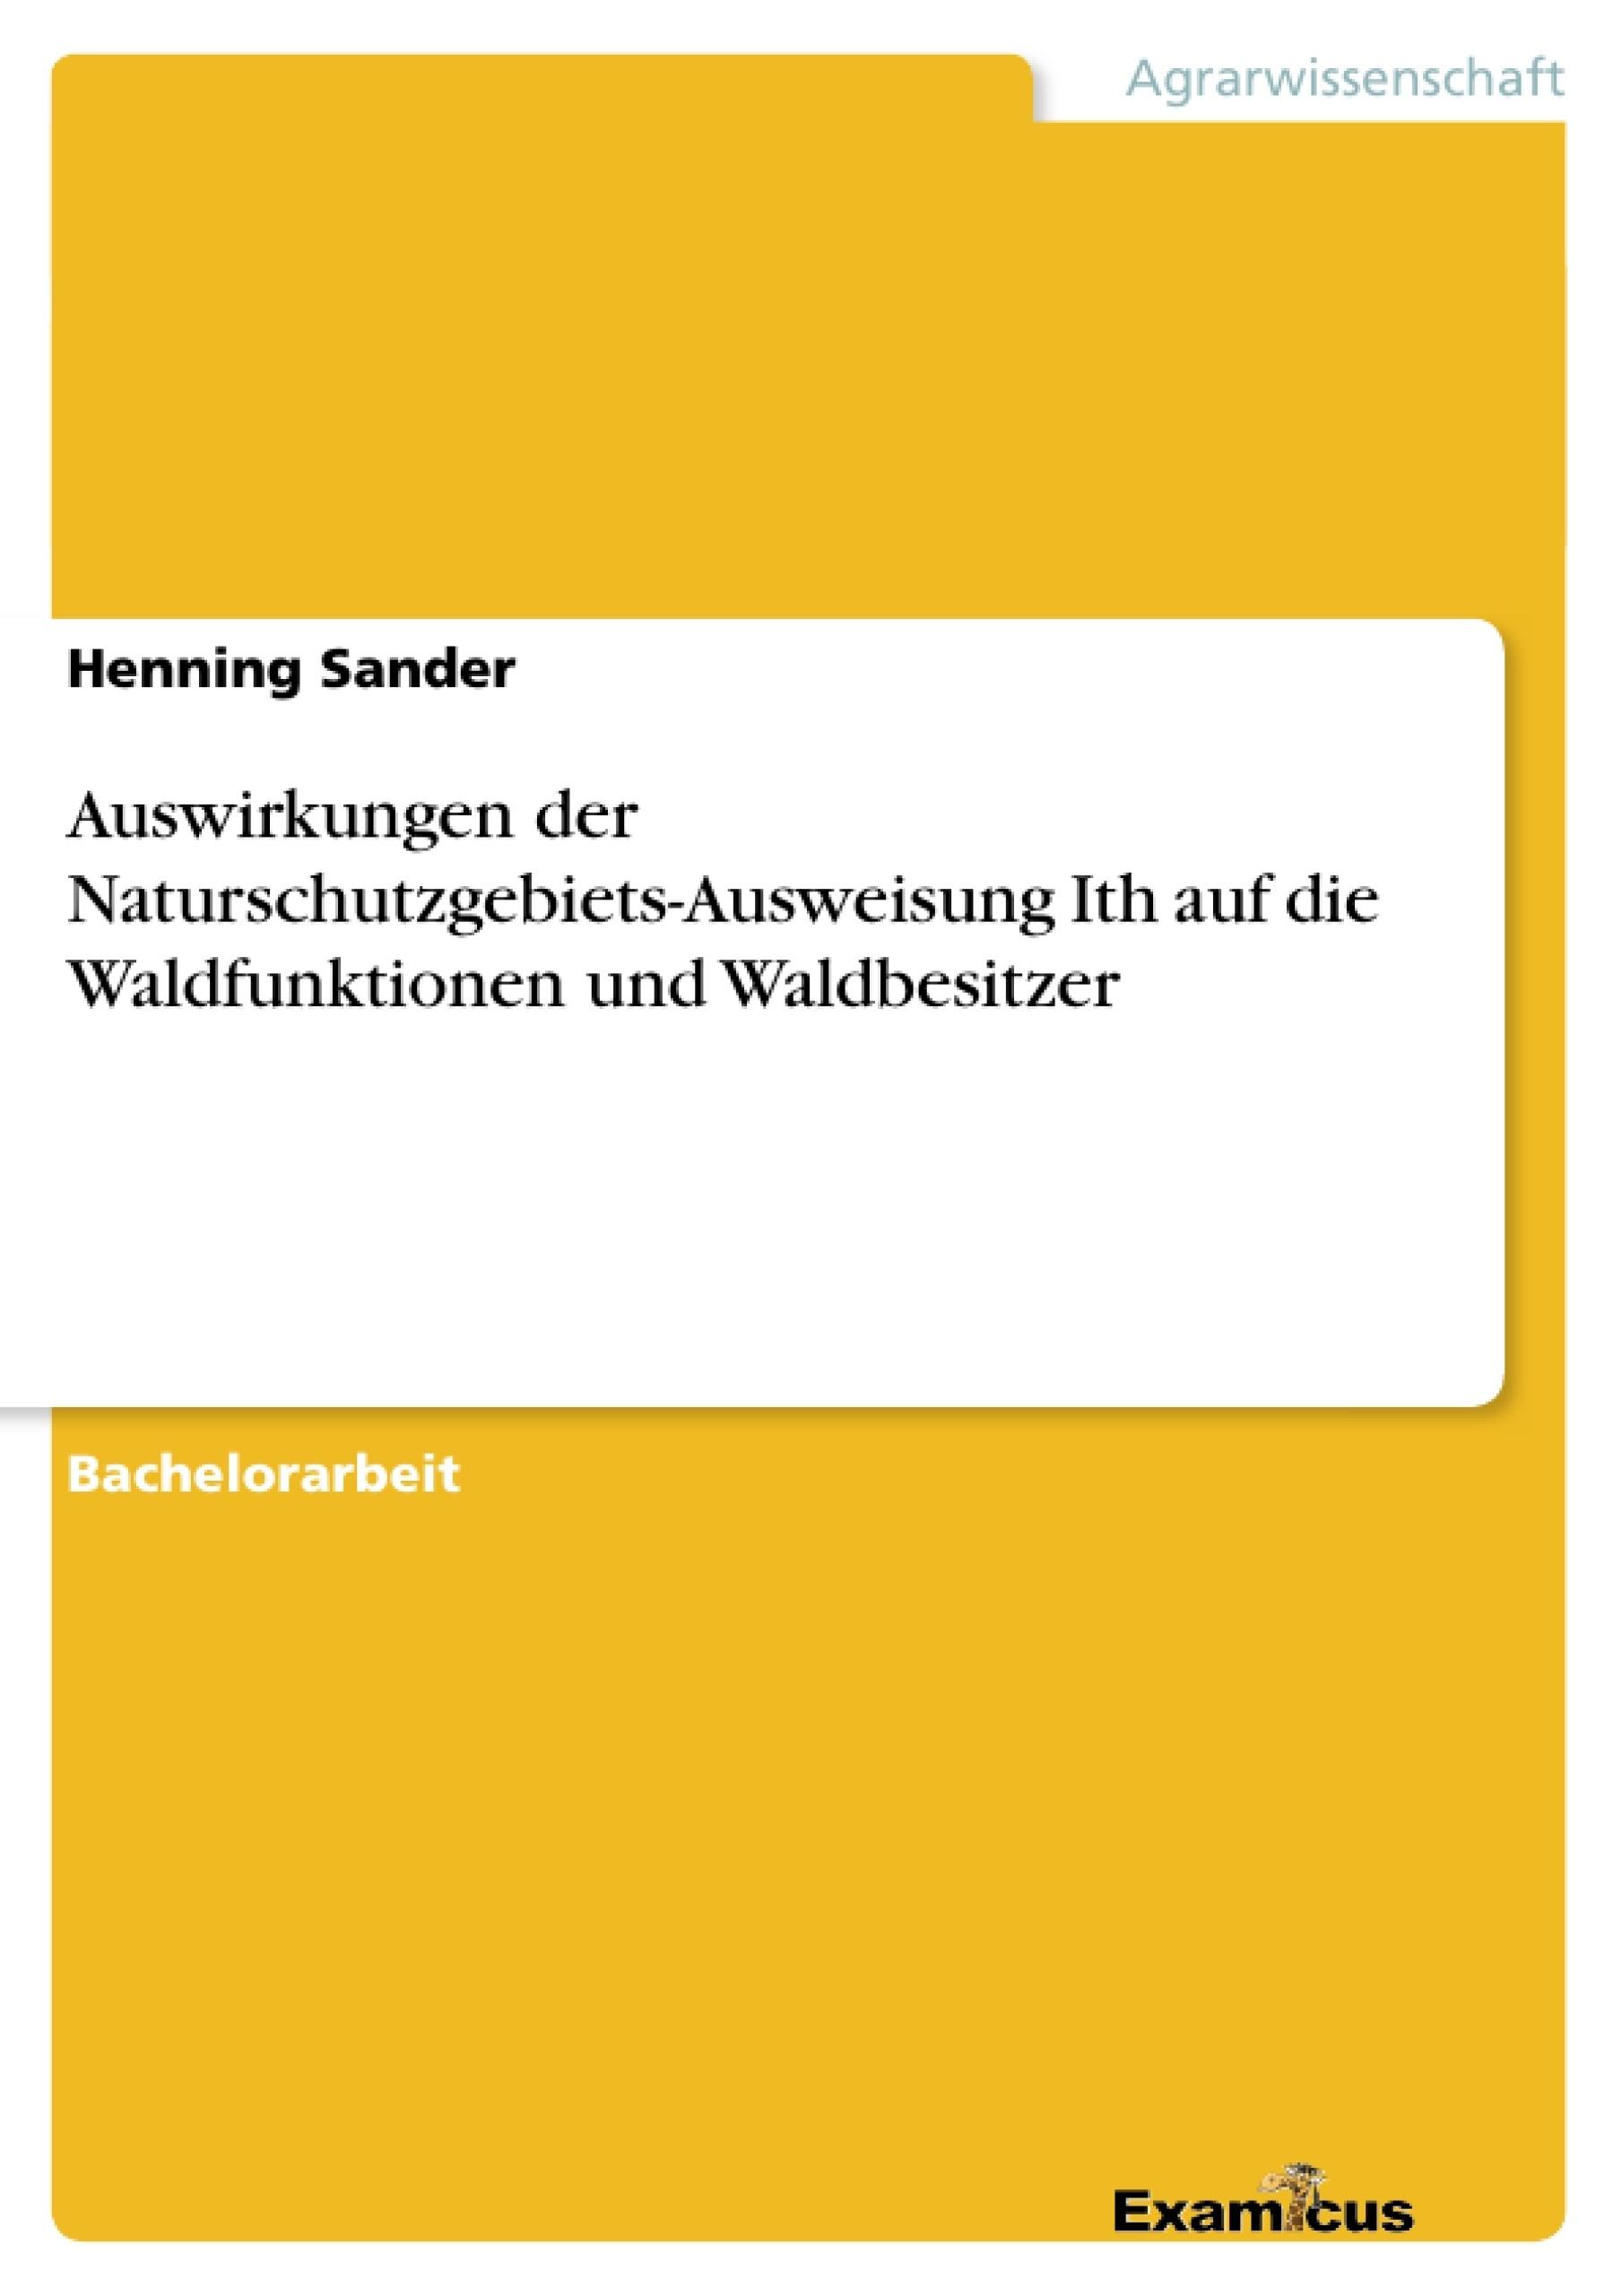 Titel: Auswirkungen der Naturschutzgebiets-Ausweisung Ith auf die Waldfunktionen und Waldbesitzer